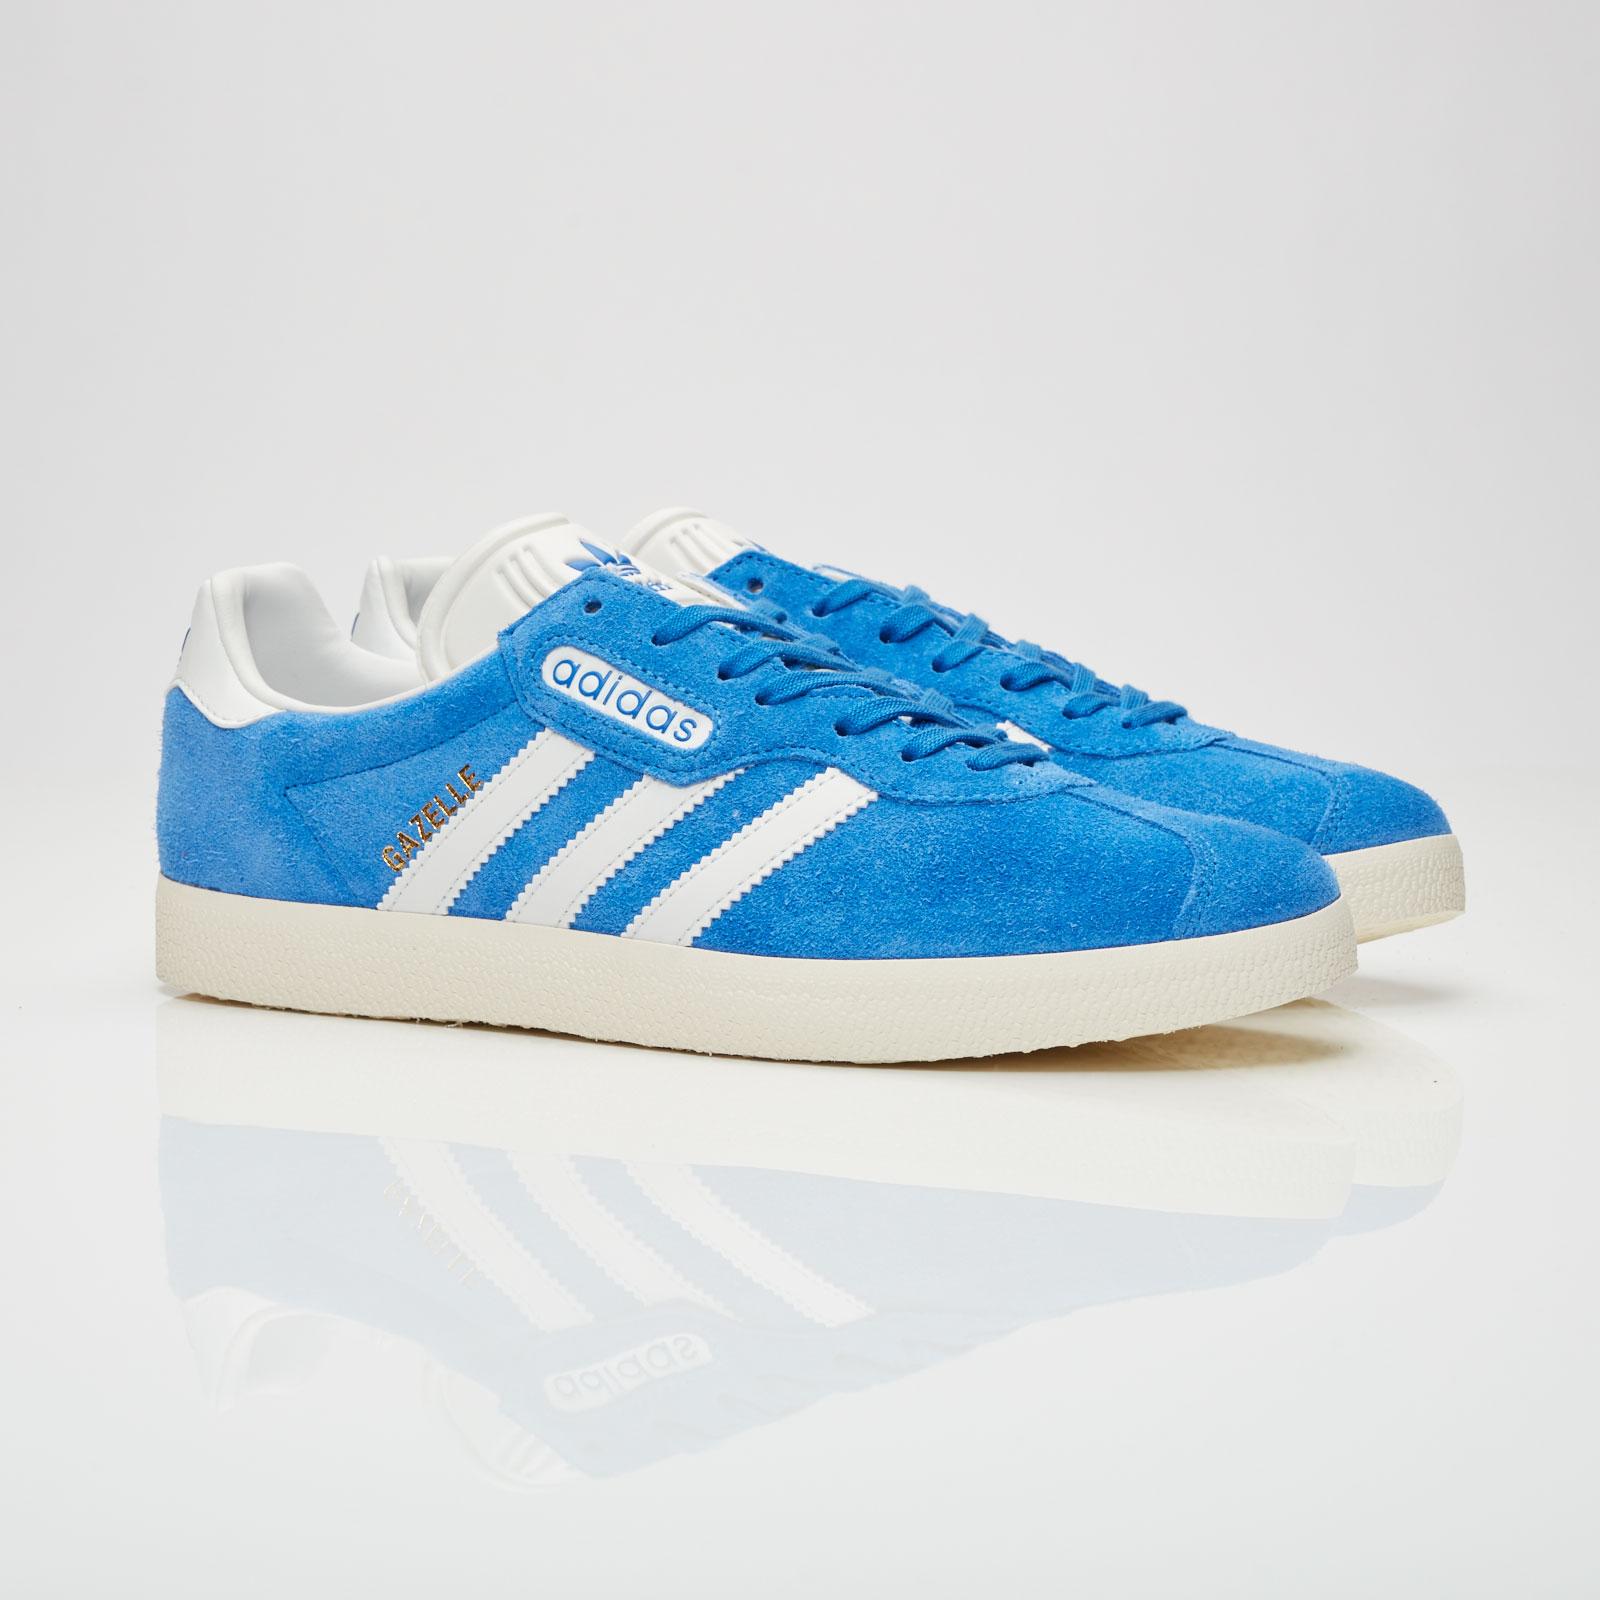 adidas Gazelle Super - Bb5241 - SNS | sneakers & streetwear online ...